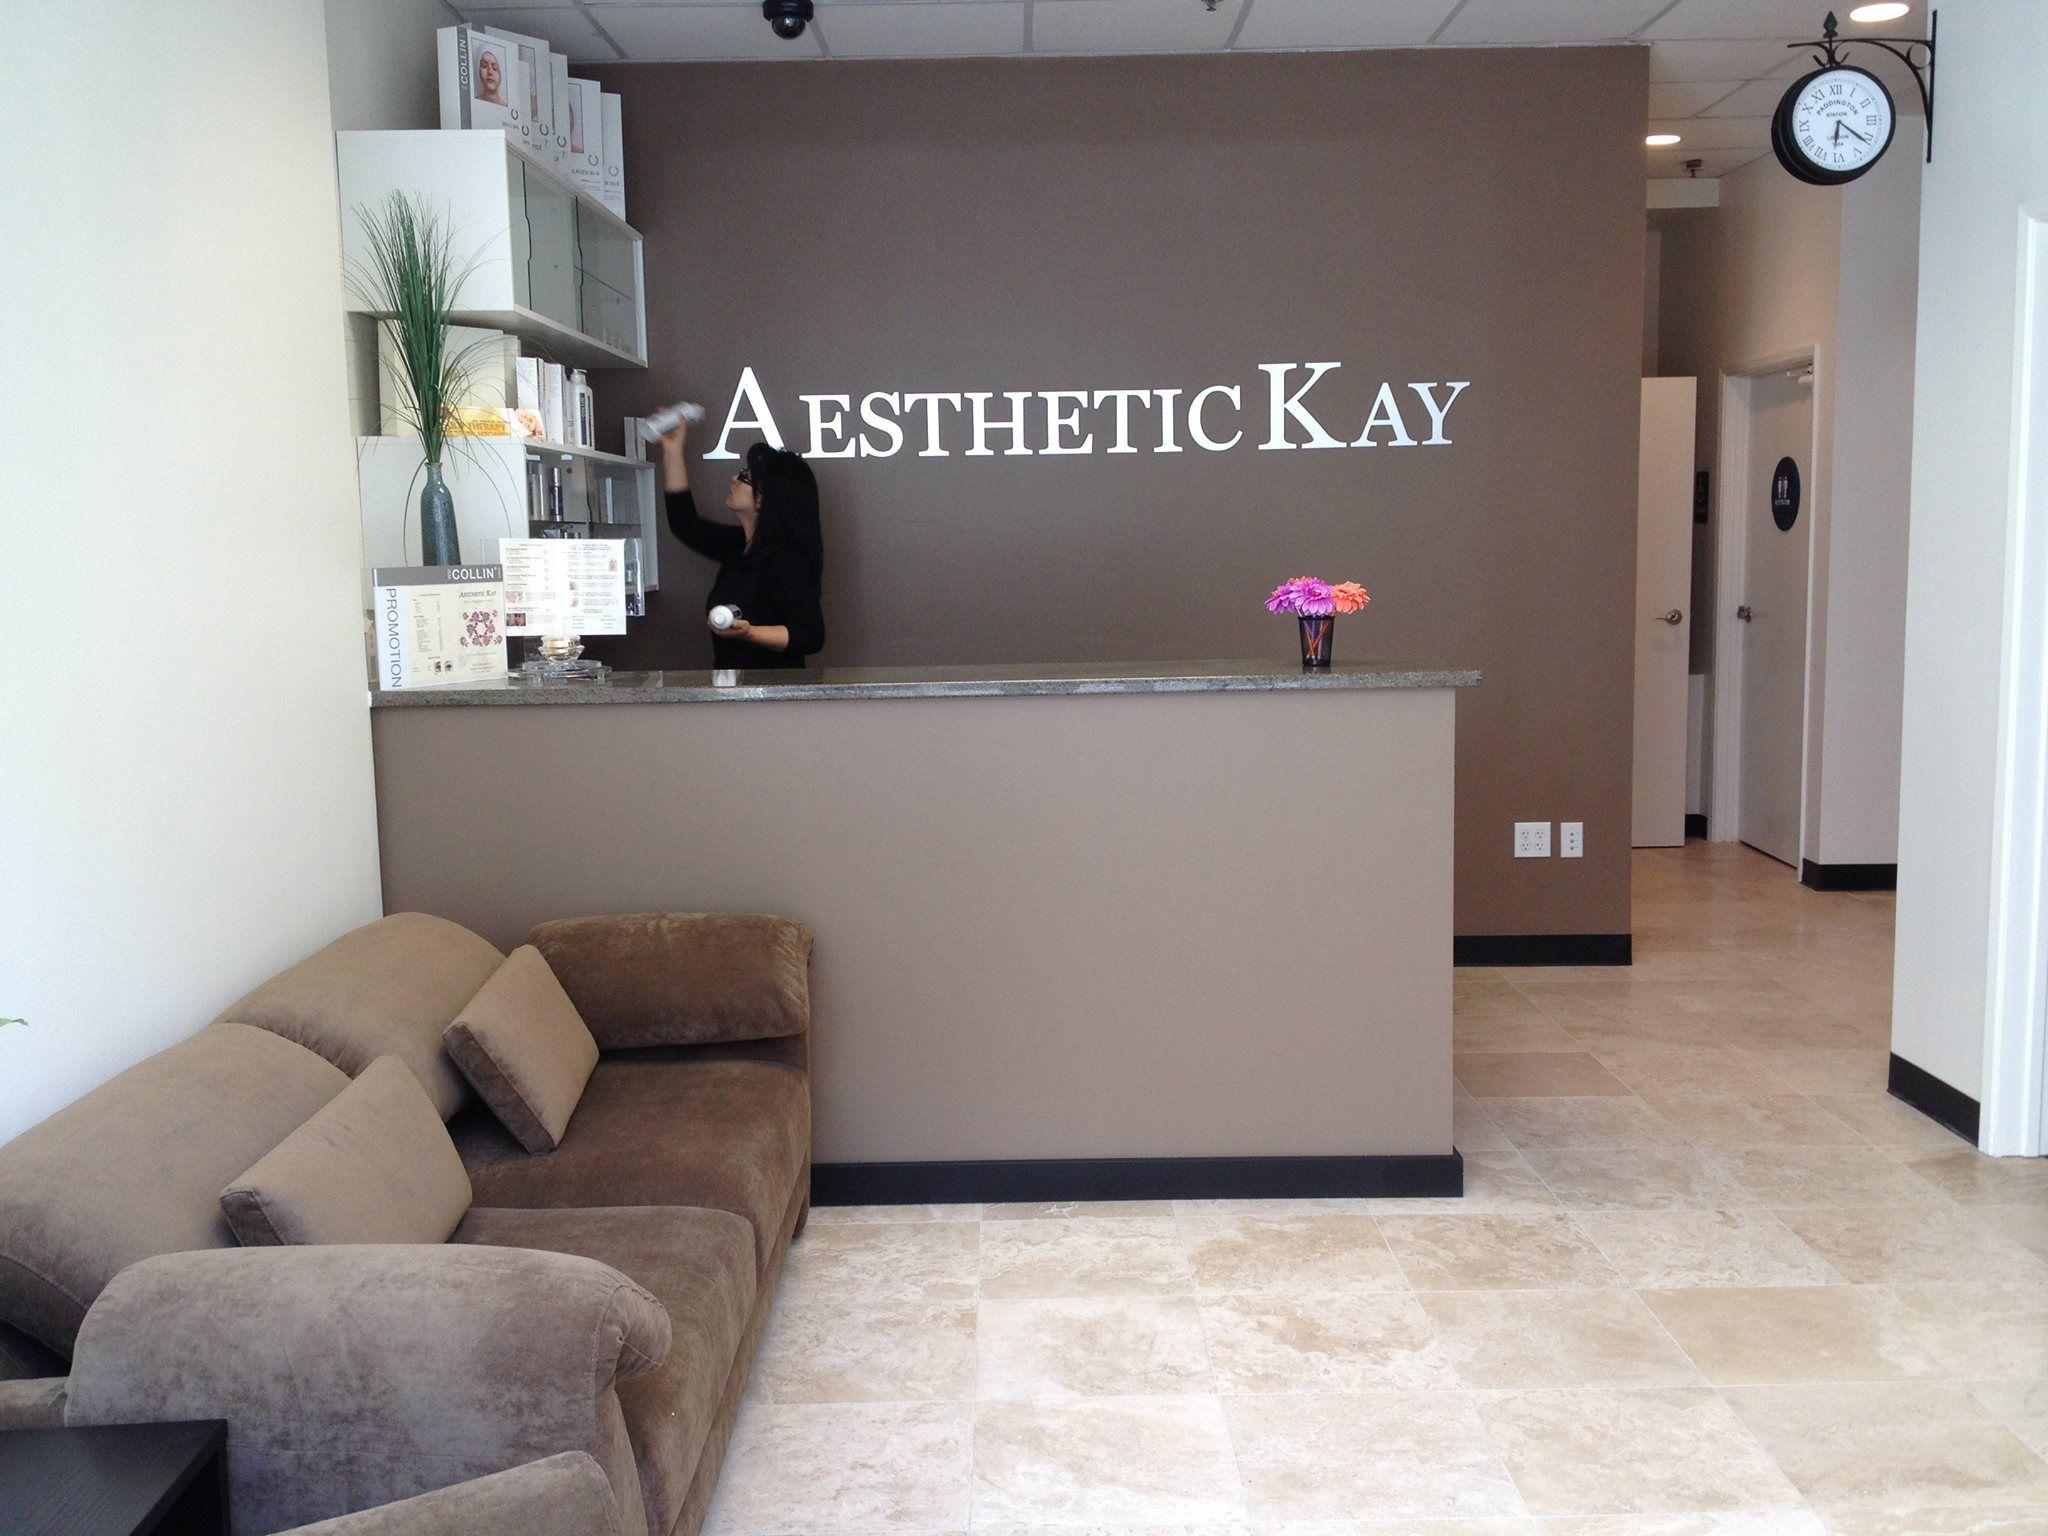 Aesthetic Kay